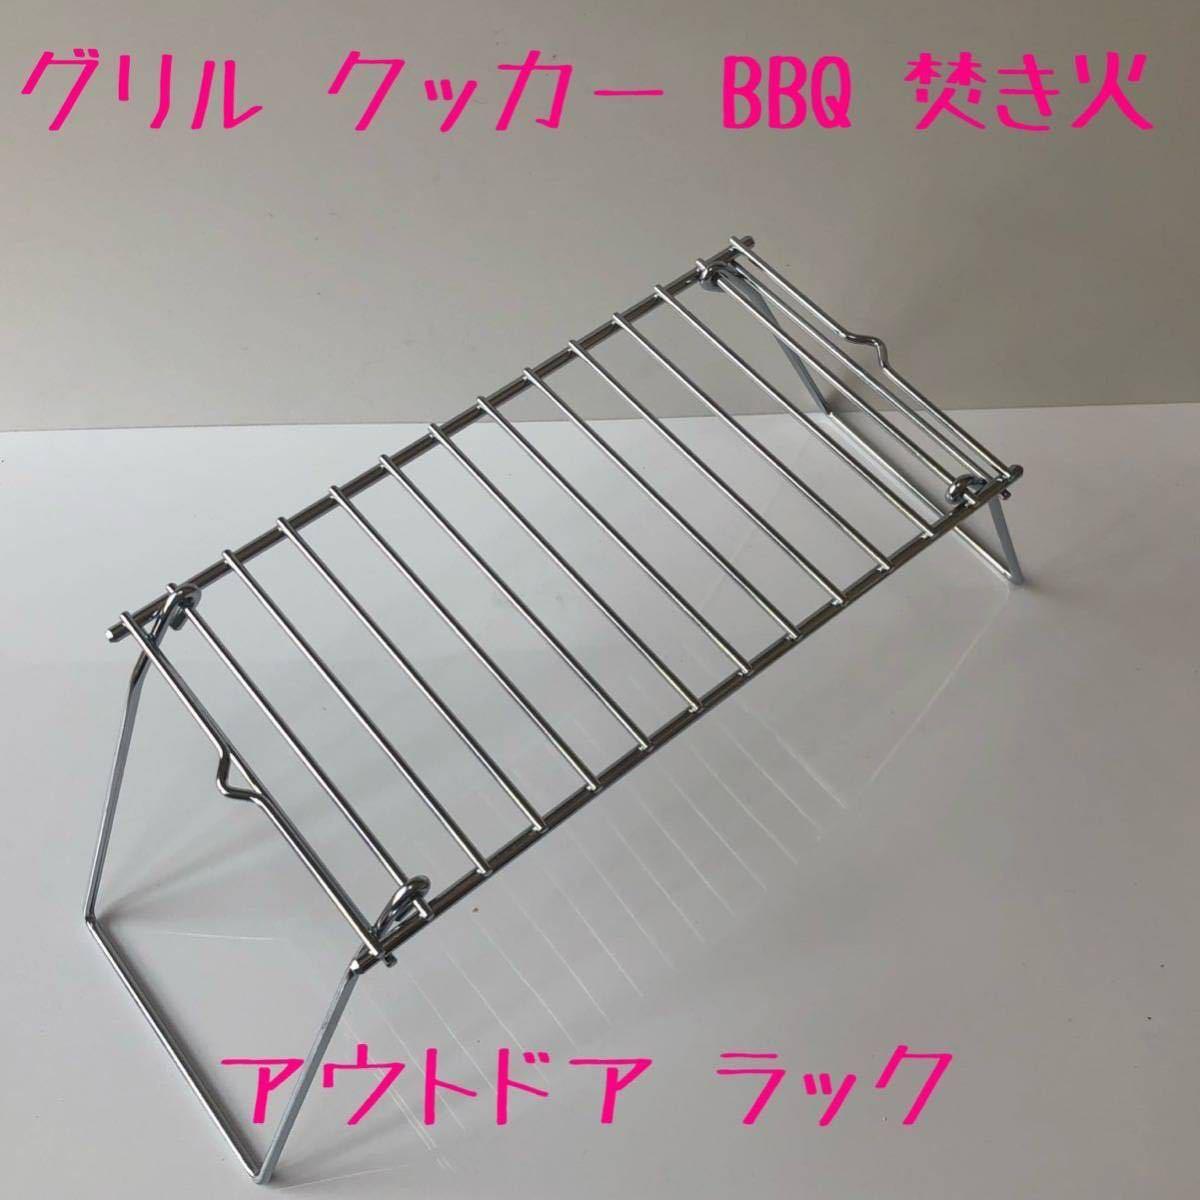 コンパクト 折畳み グリル BBQ クッカー スタンド 焚き火 五徳 ミニテーブル 便利グッズ